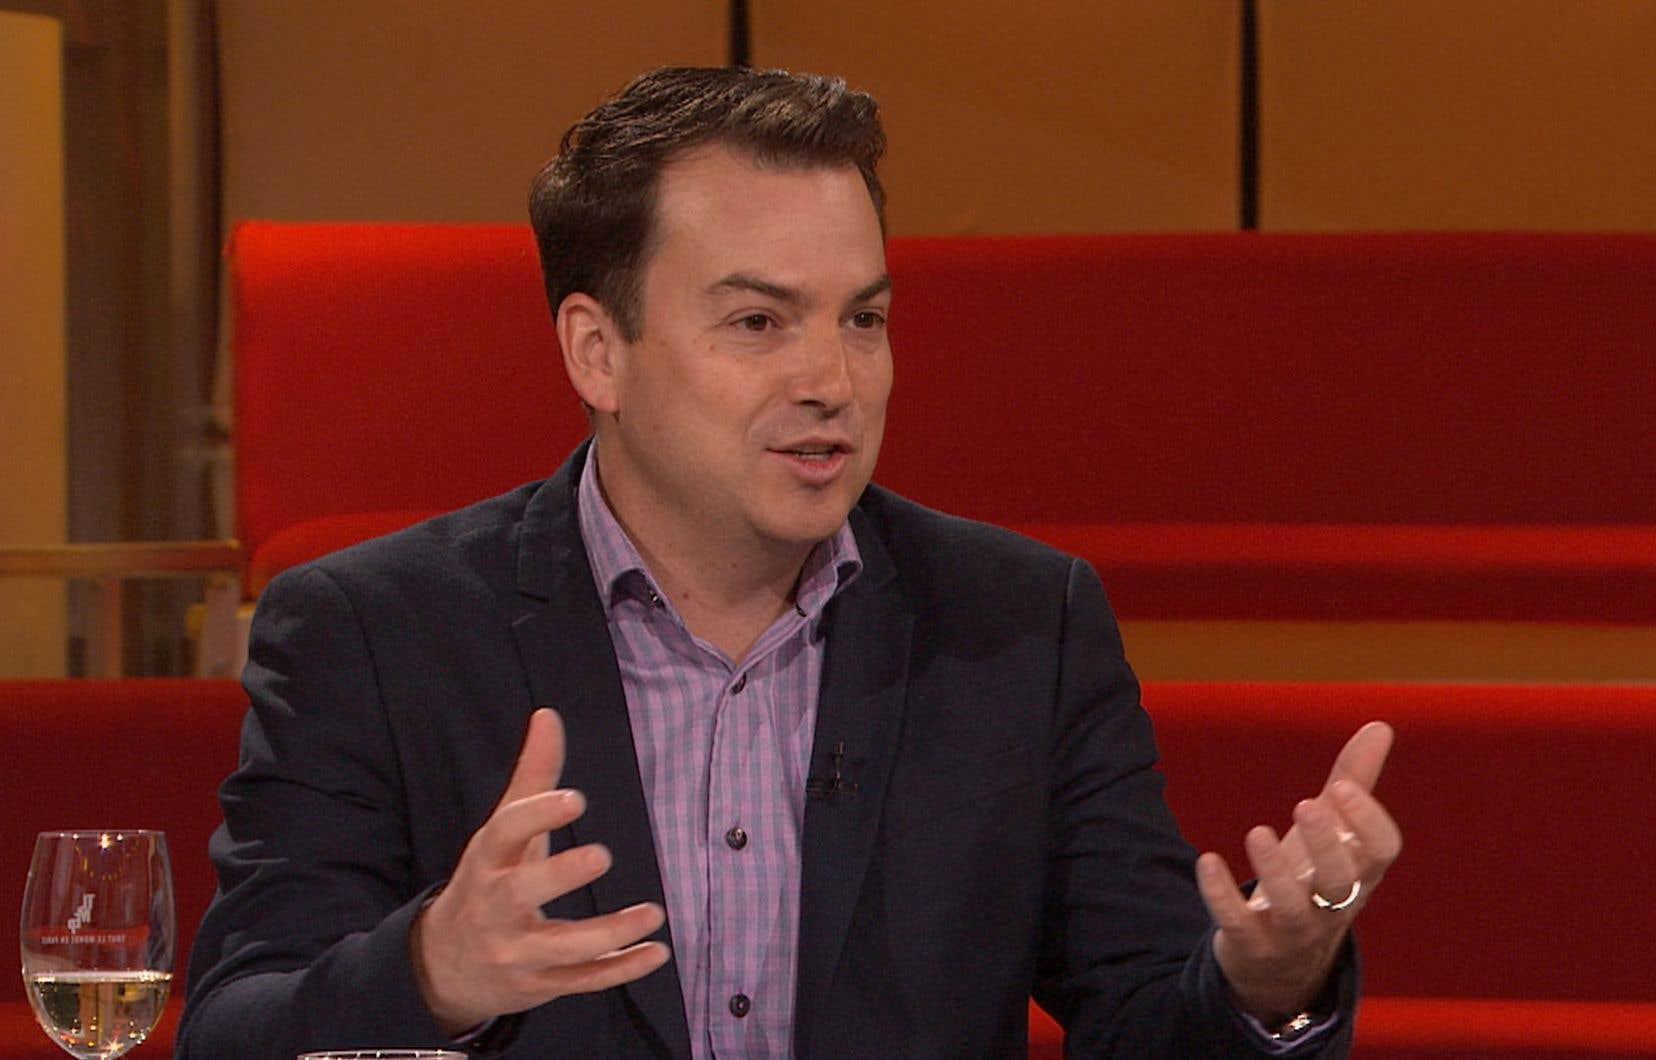 Alec Castonguay à l'émission Tout le monde en parle du 10 mai 2020.